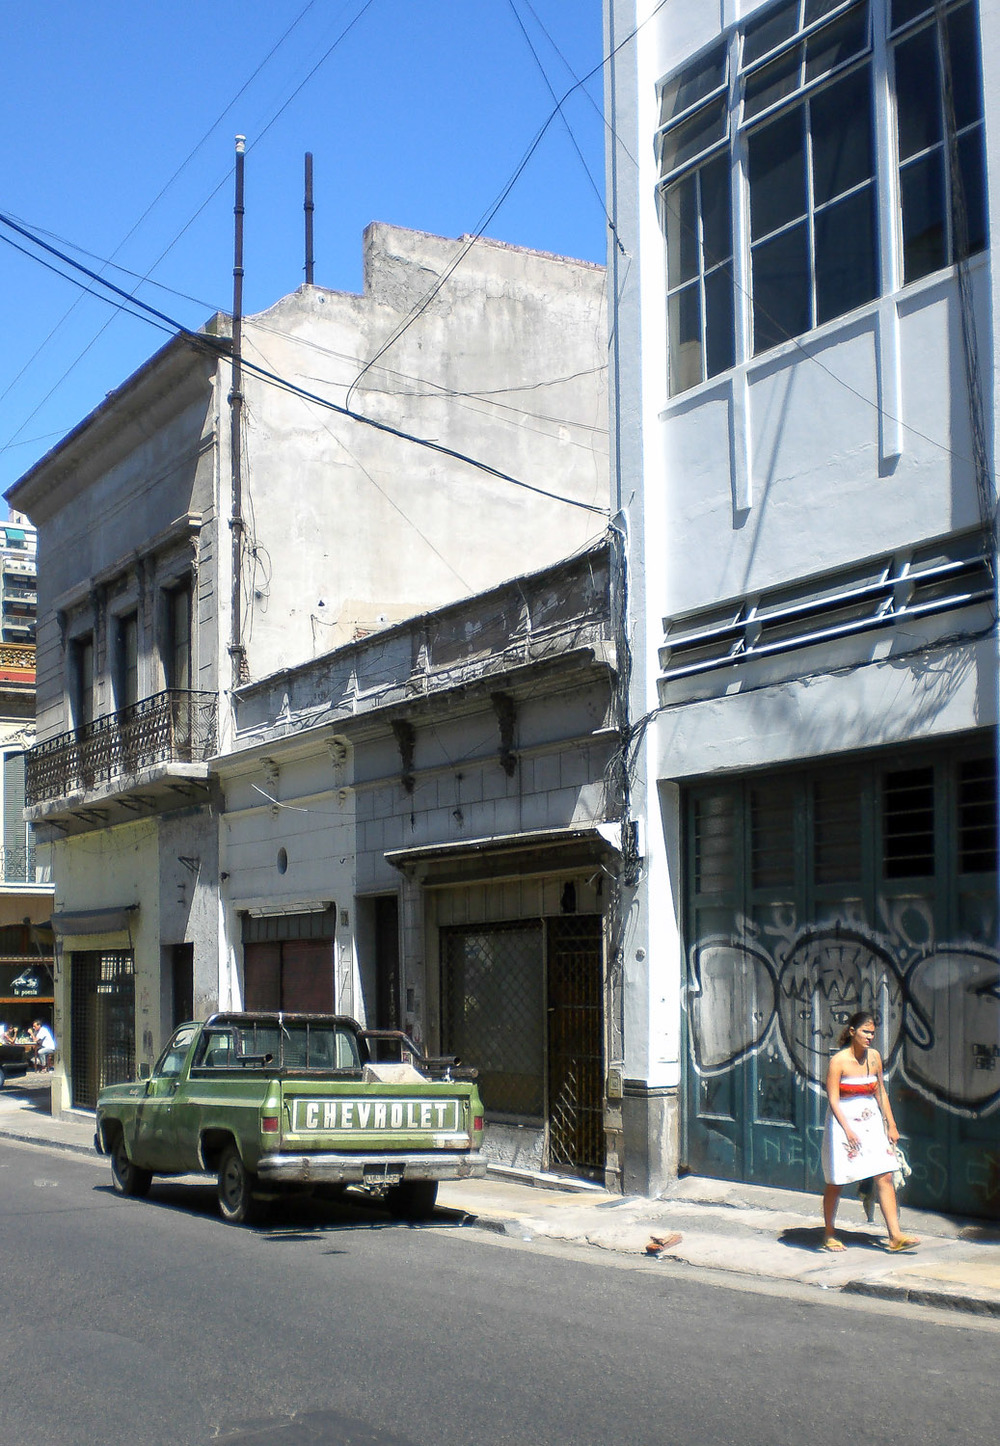 Christian-Schaffer-Argentina-Buenos-Aires-Street-002.jpg